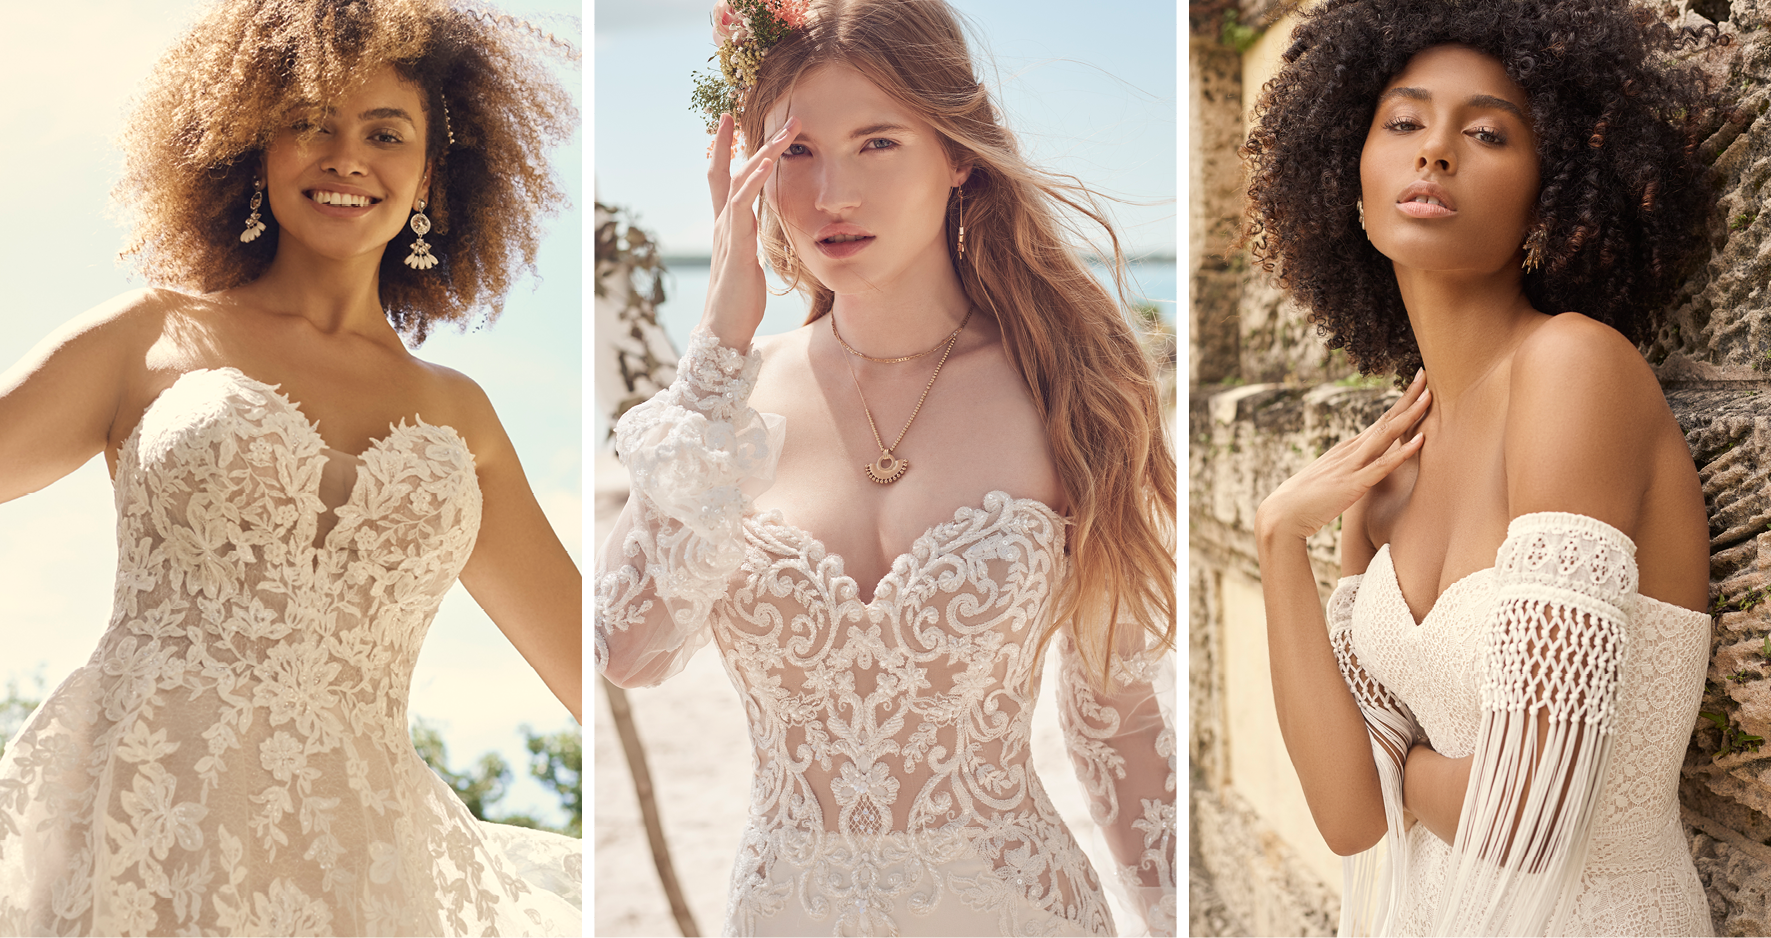 Three Brides Wearing Strapless Wedding Dress Accessories